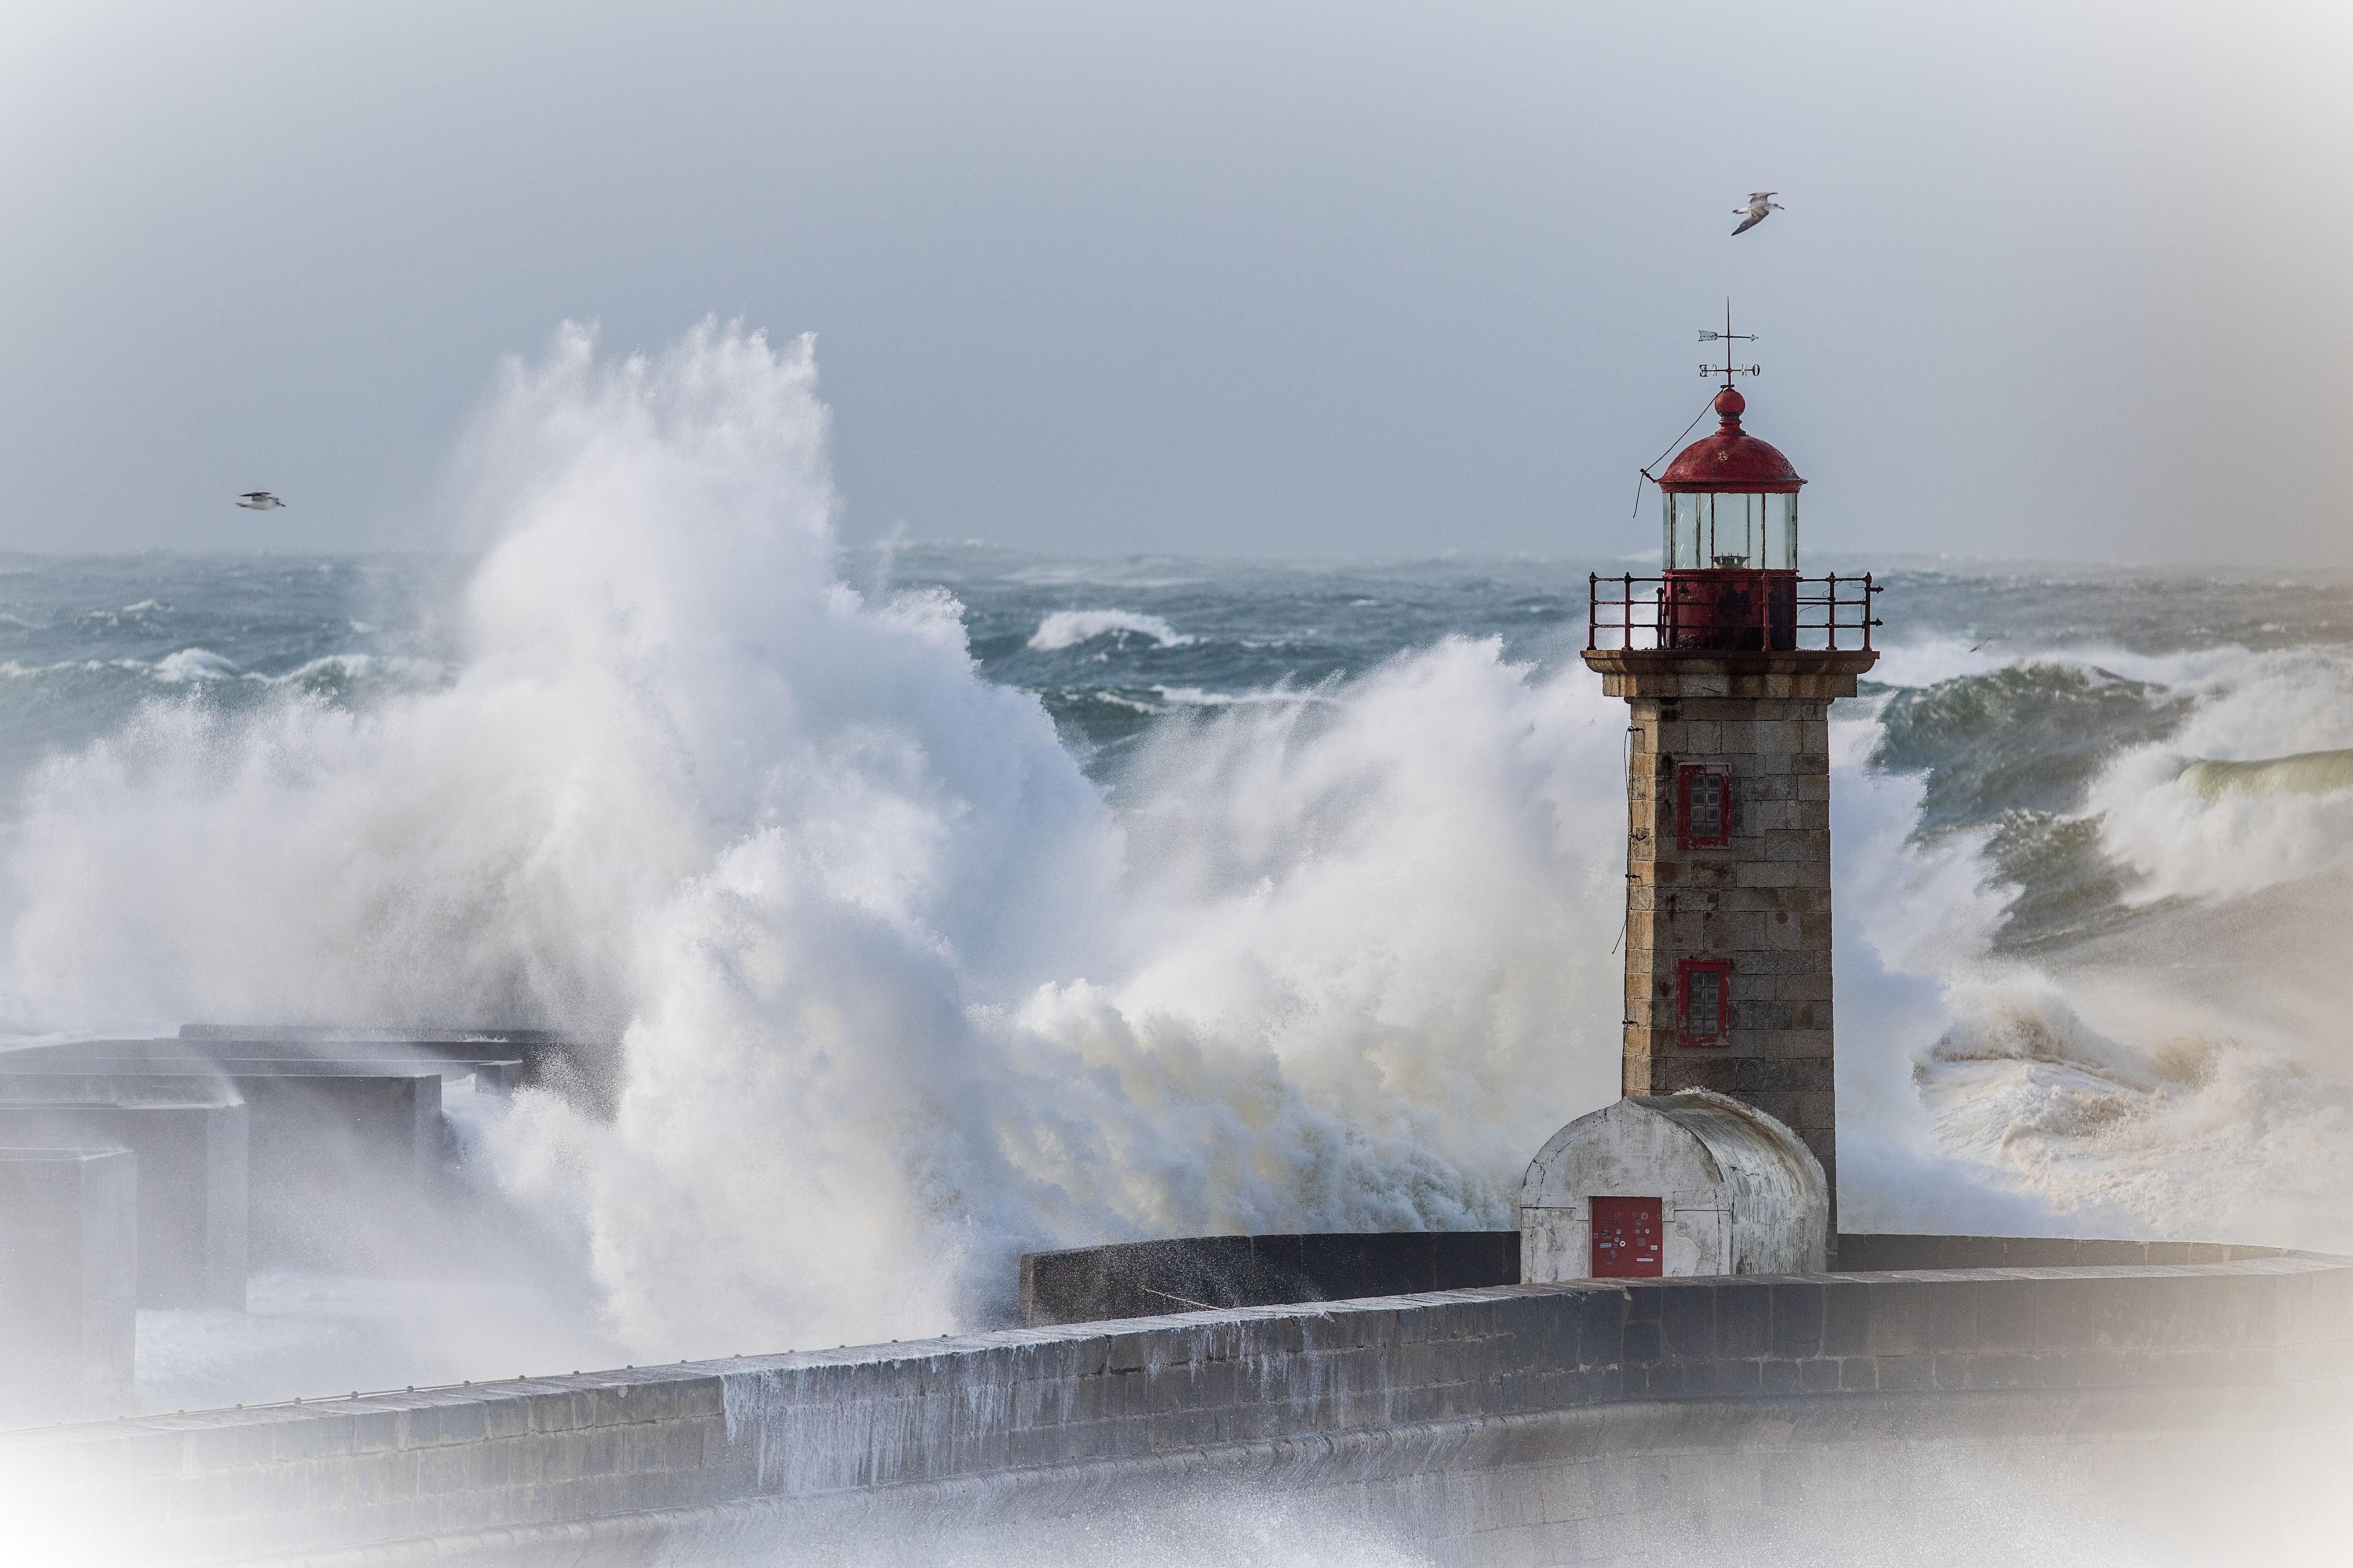 IPMA coloca sob aviso laranja seis distritos devido à forte agitação marítima